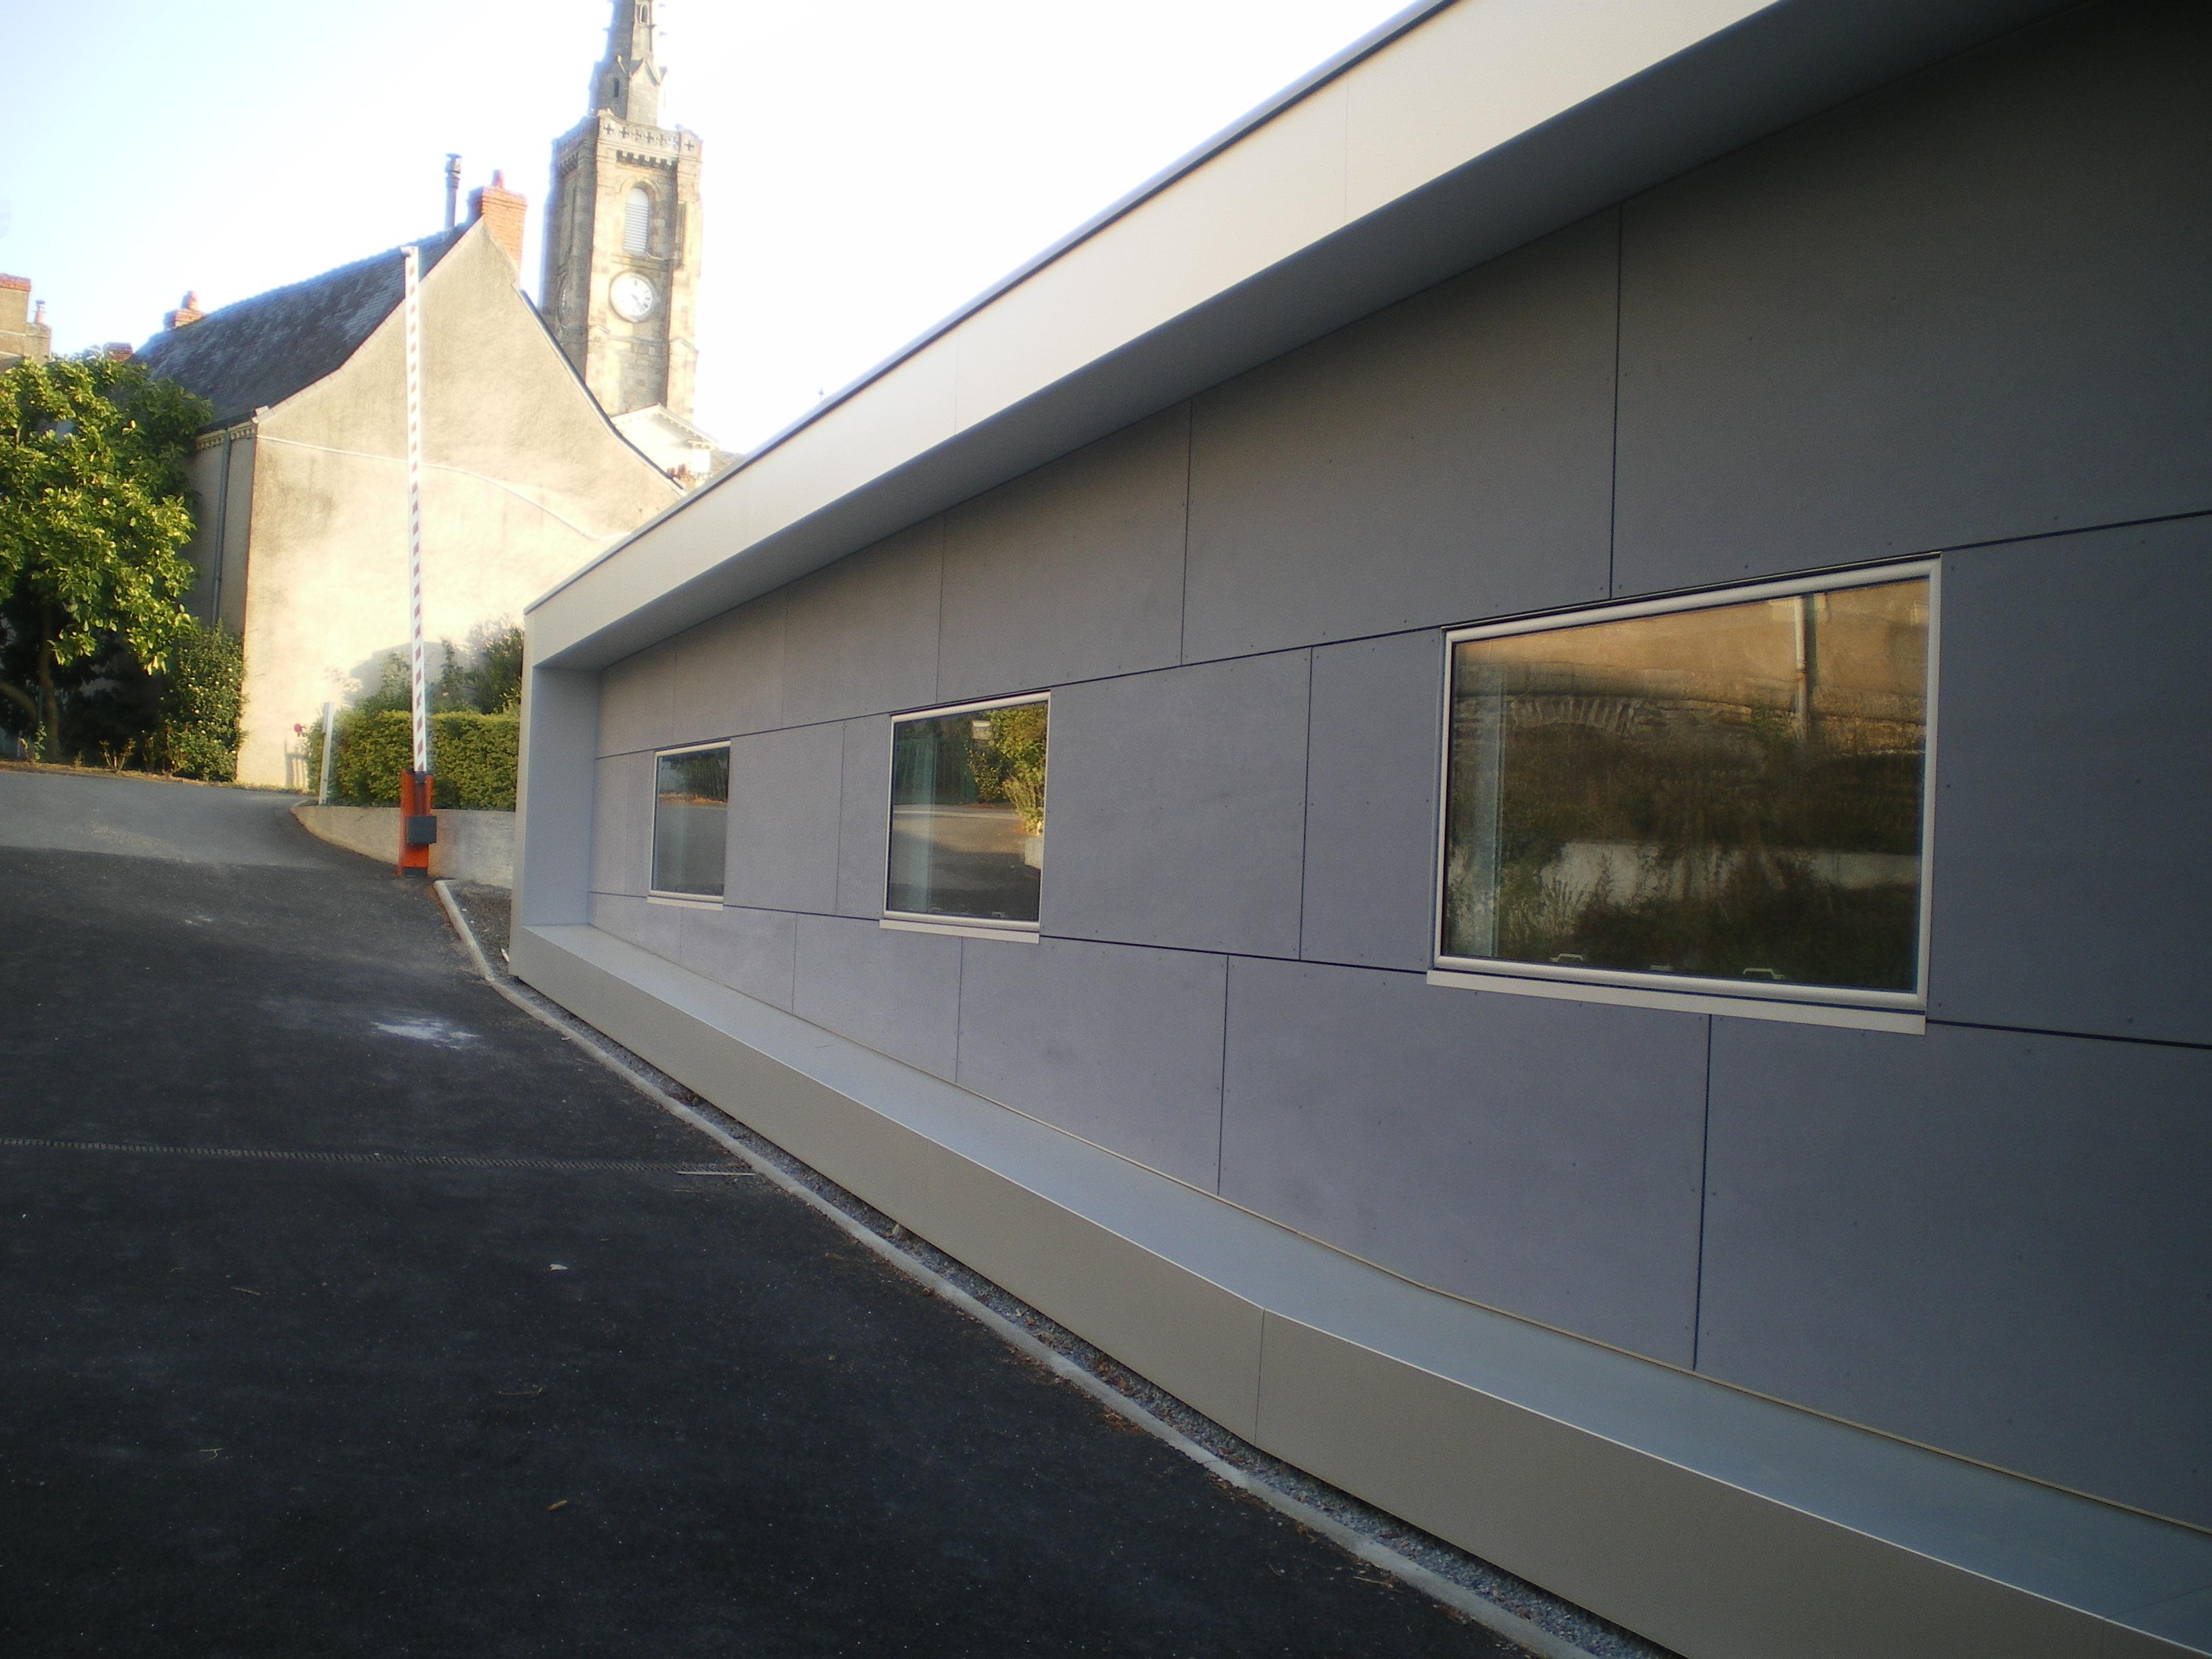 maop-leverger-mauves-sur-loire-2009-09-22-08-19-54-2